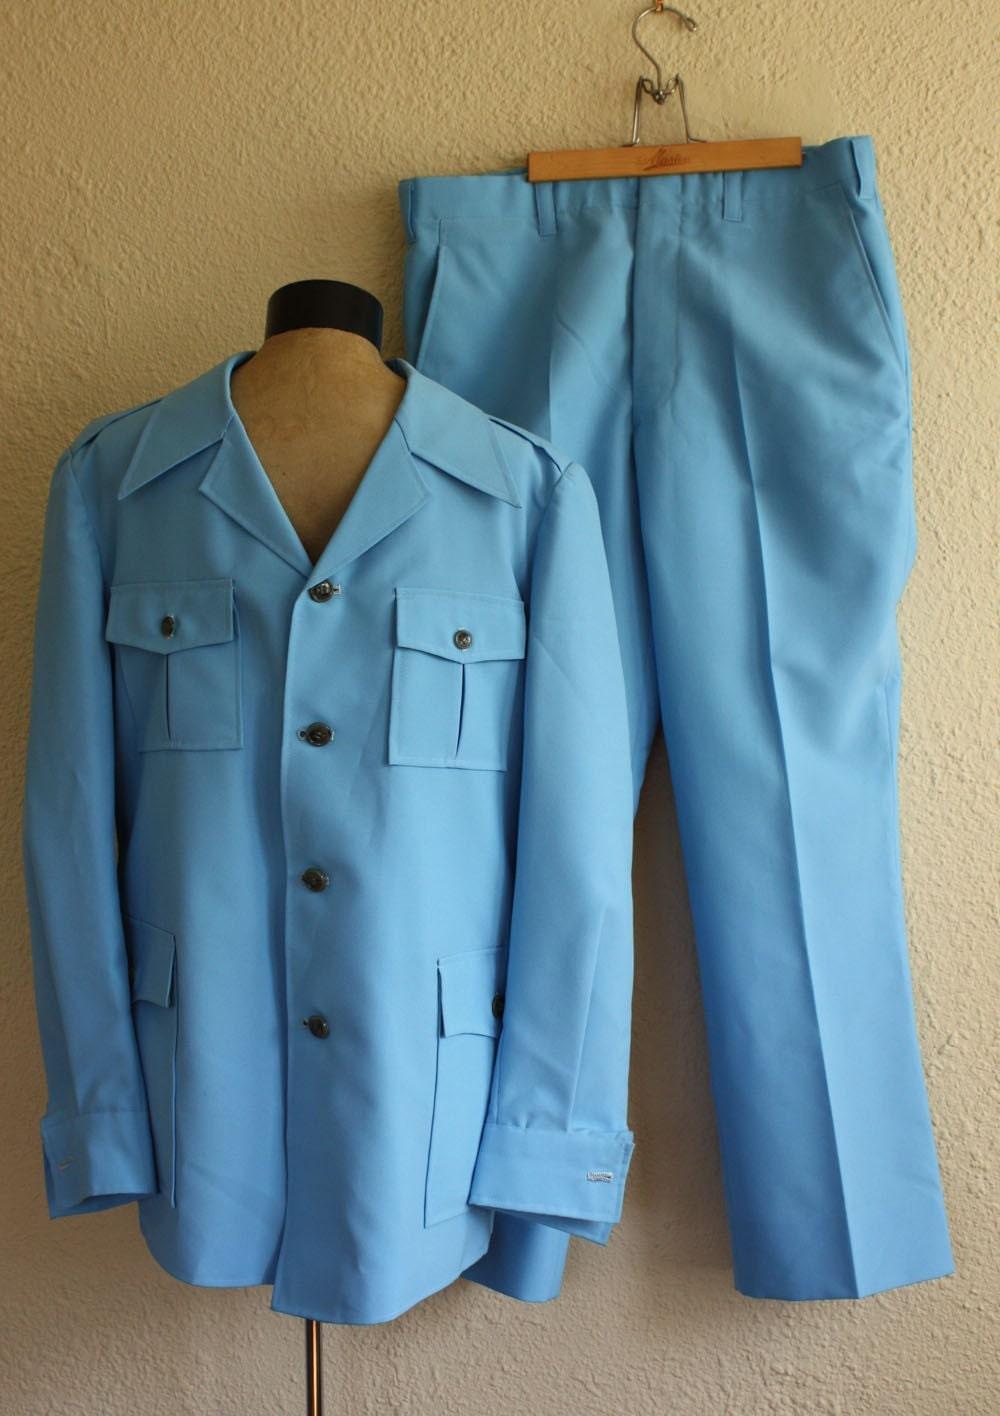 2 Piece Men S Sky Blue Leisure Suit Vintage 1970s